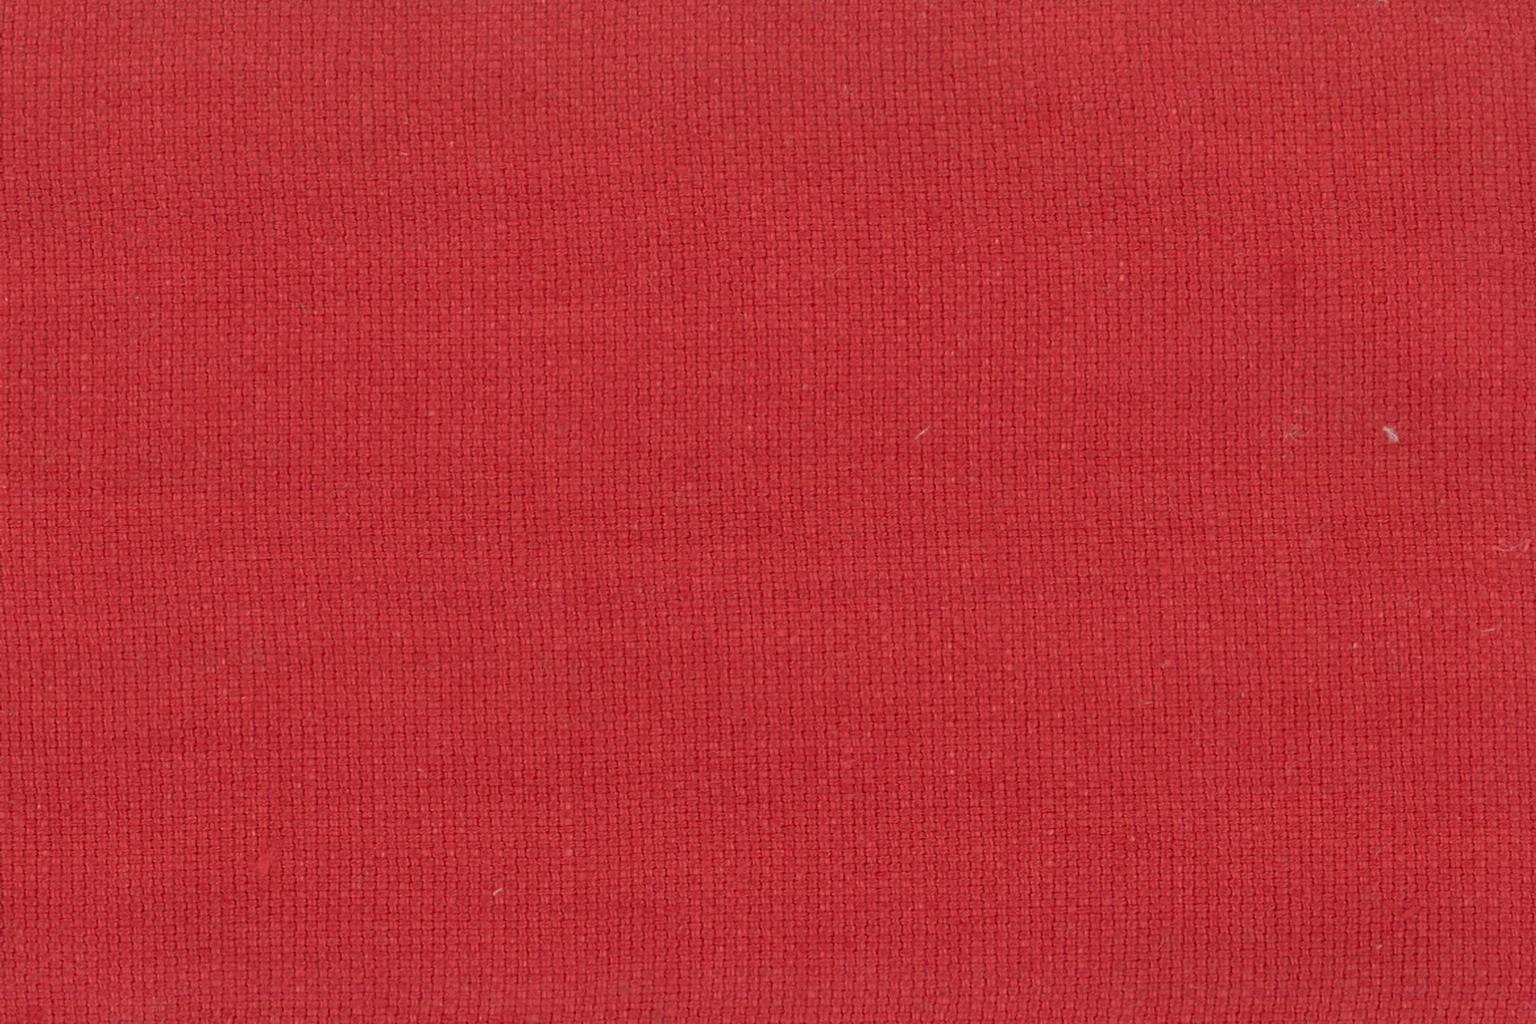 CORTINA Red